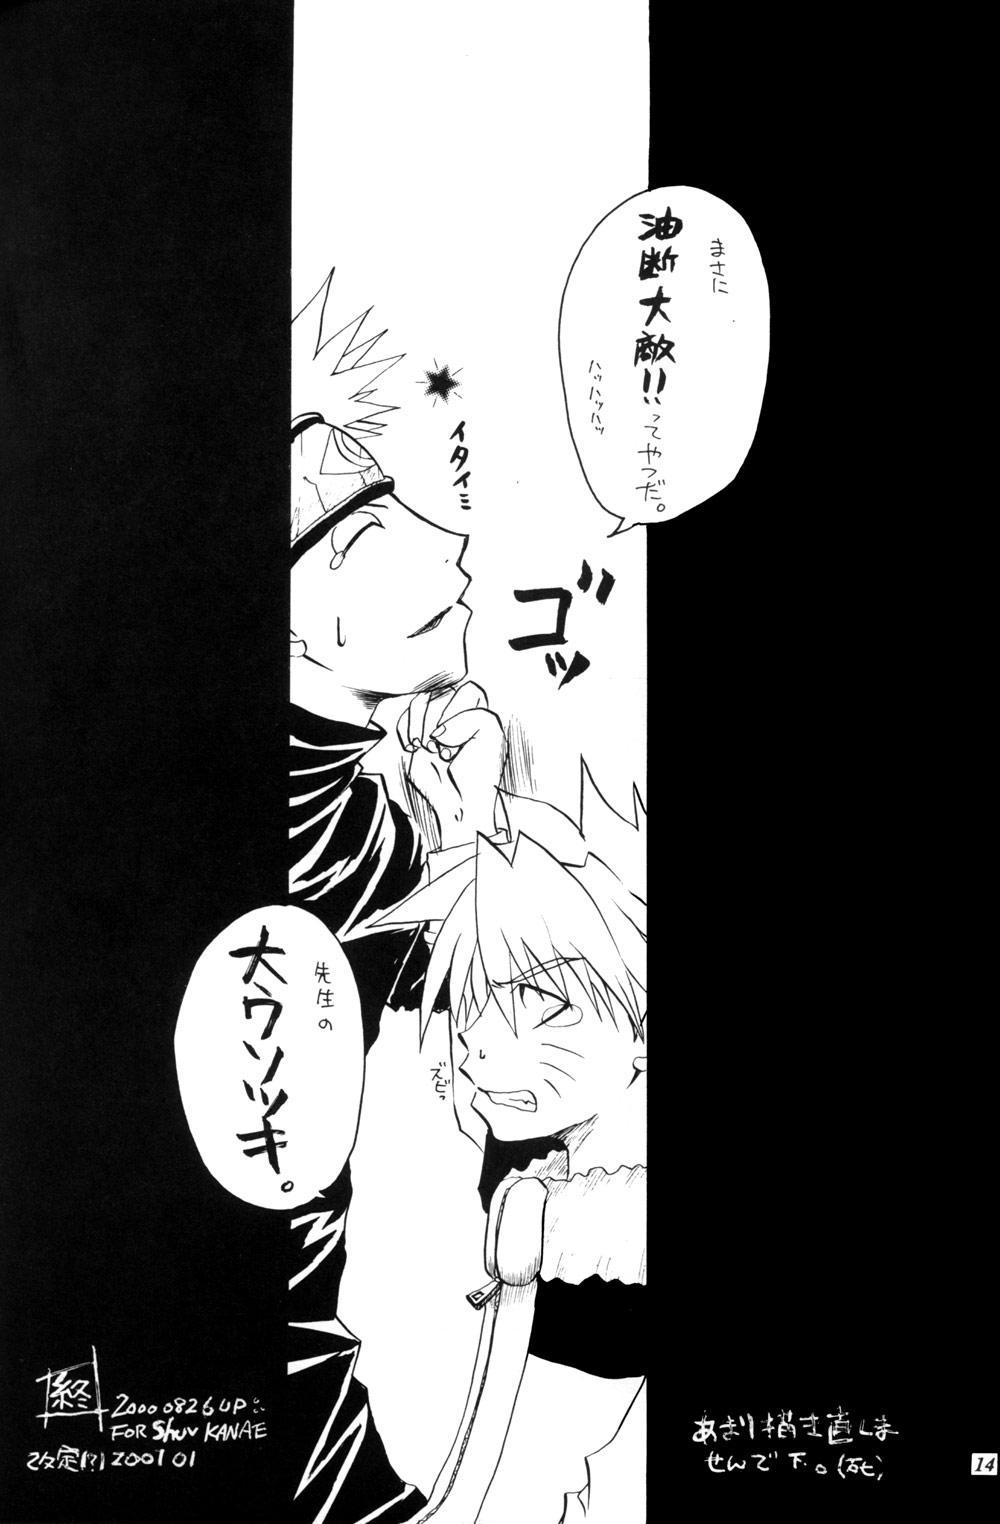 Watch Out!! (NARUTO) [Kakashi X Naruto - Sasuke X Naruto] YAOI 13